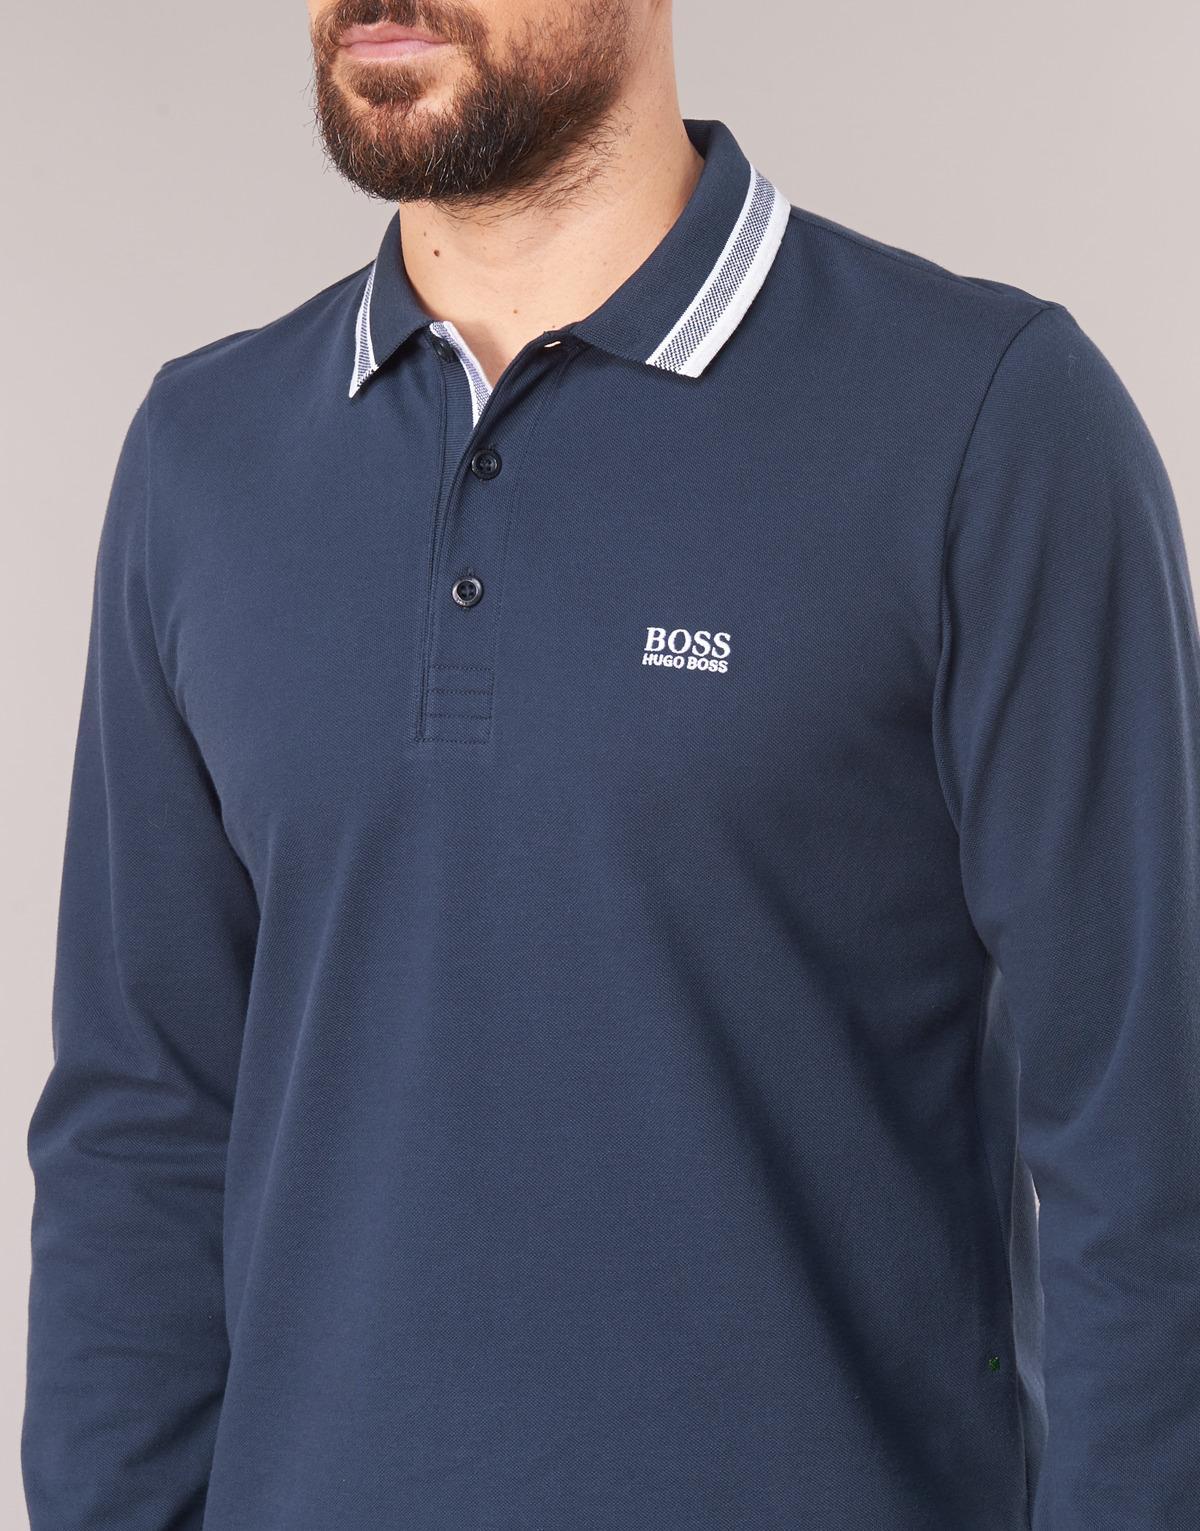 69ec0553e BOSS Athleisure - Plisy Men's Polo Shirt In Blue for Men - Lyst. View  fullscreen